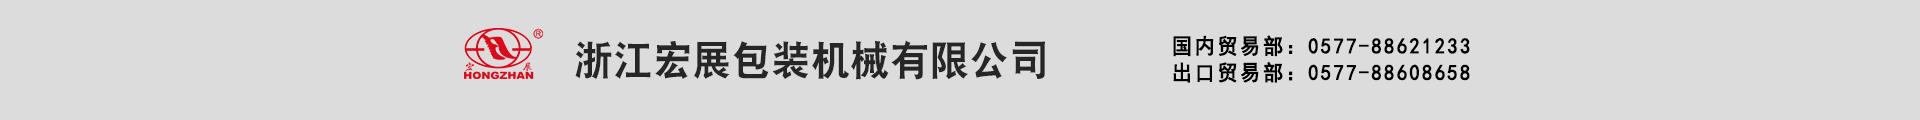 浙江宏展包裝機械有限公司